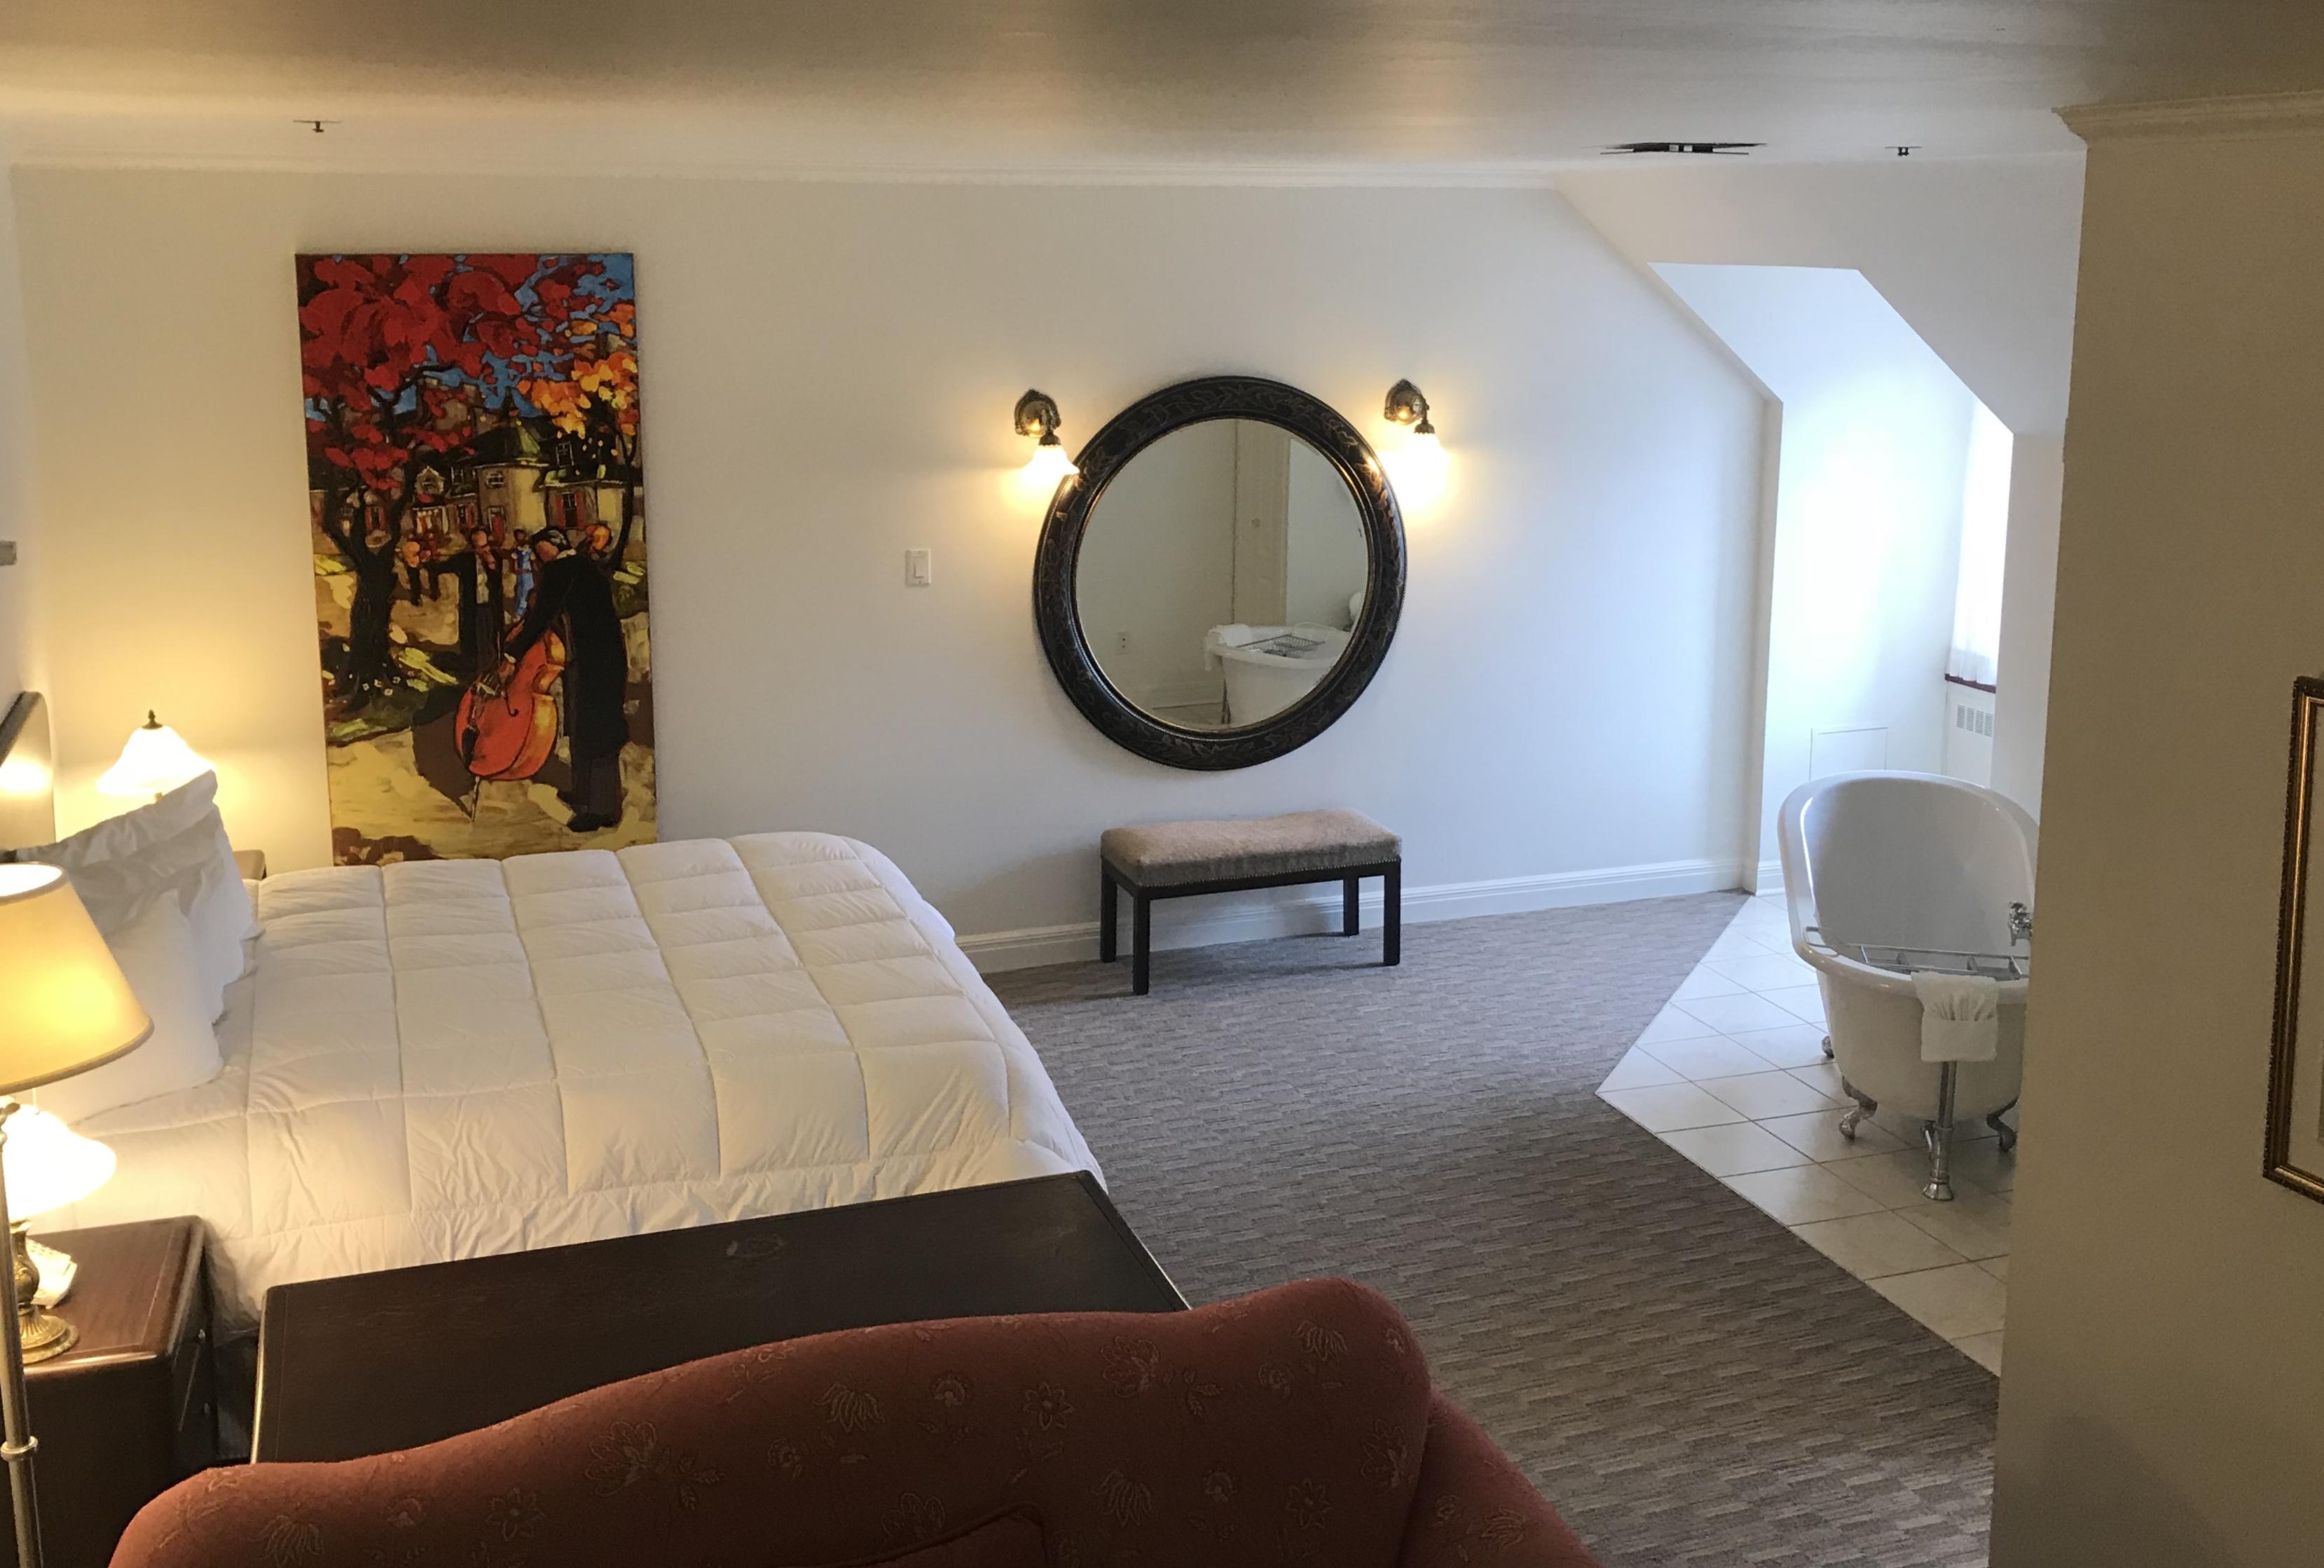 Suite affaires | Hôtel Rimouski